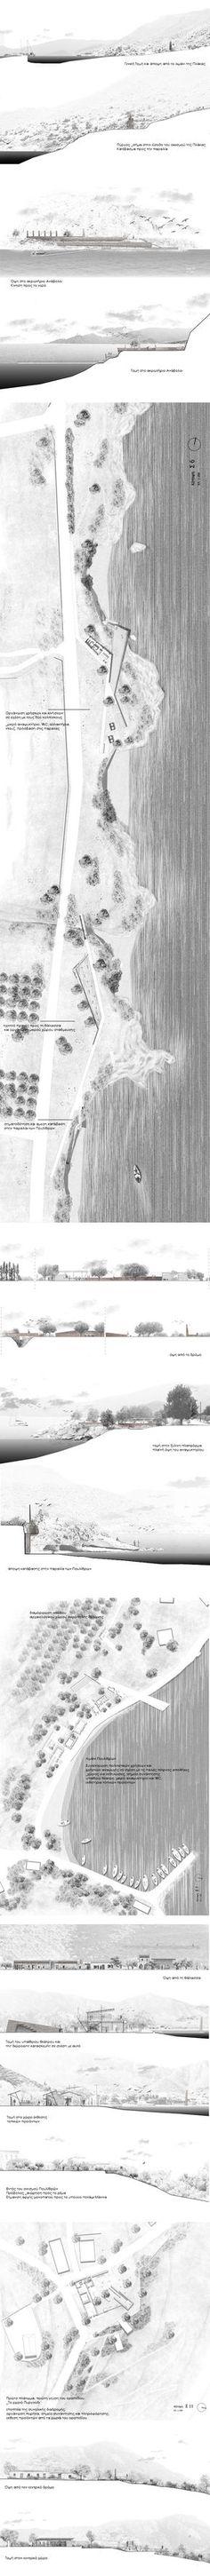 http://www.greekarchitects.gr/gr/συμμετοχες-2014/13014-Ίχνη-στο-τοπίο-id9725